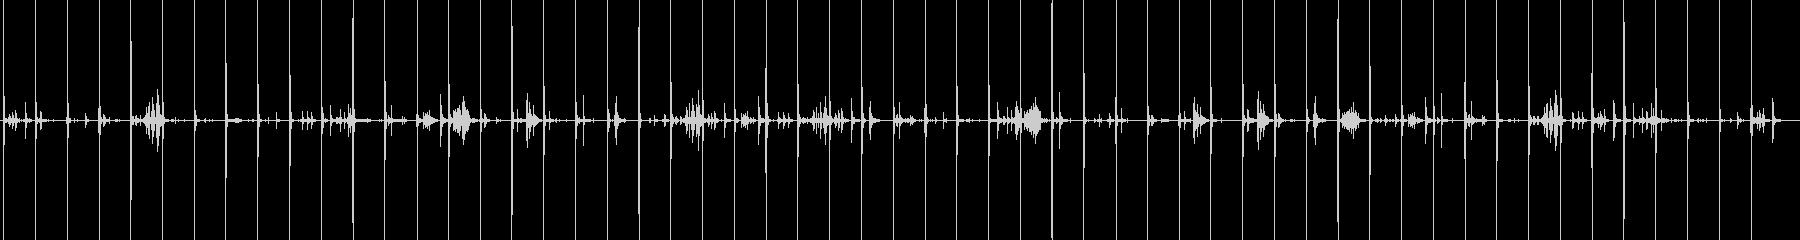 ヒールの高い靴で木製の床などを走る音の未再生の波形